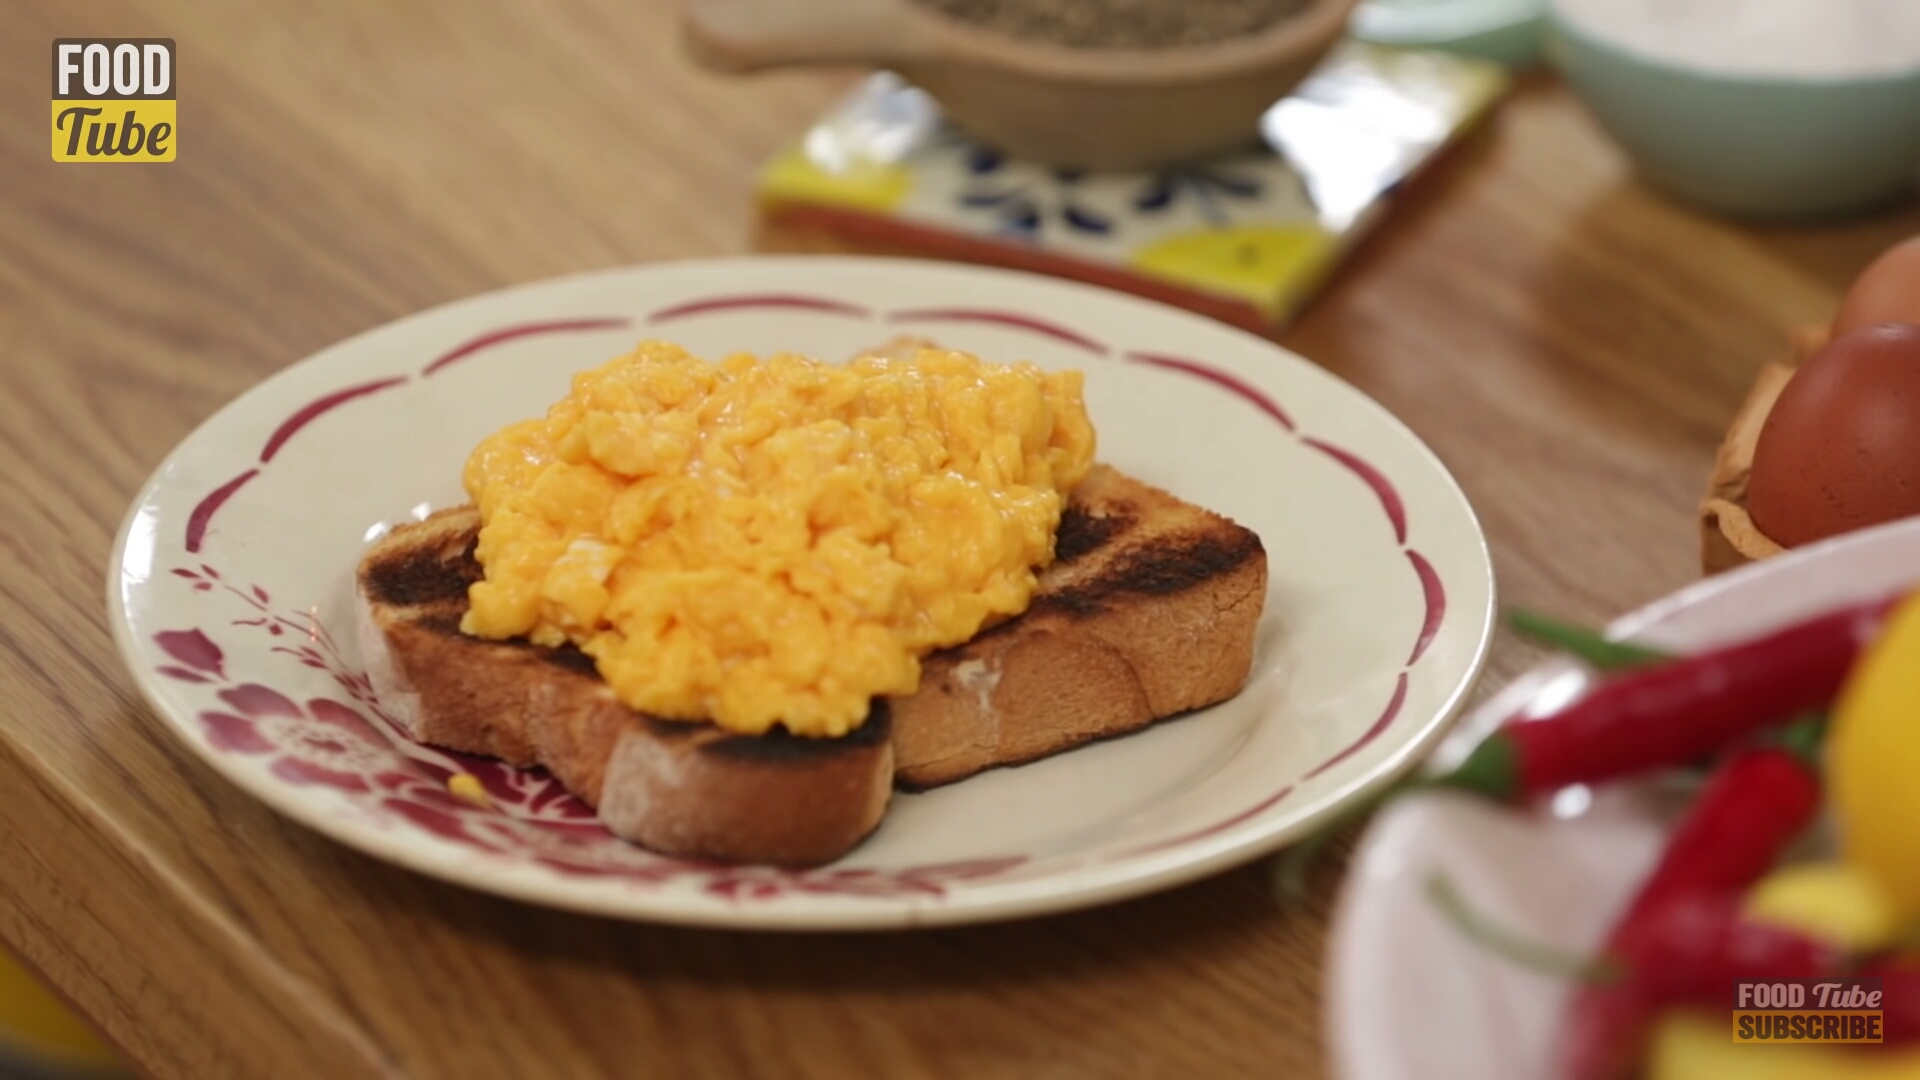 scrambled eggs-Món trứng khuấy kiểu Anh vừa đơn giản vừa hấp dẫn!